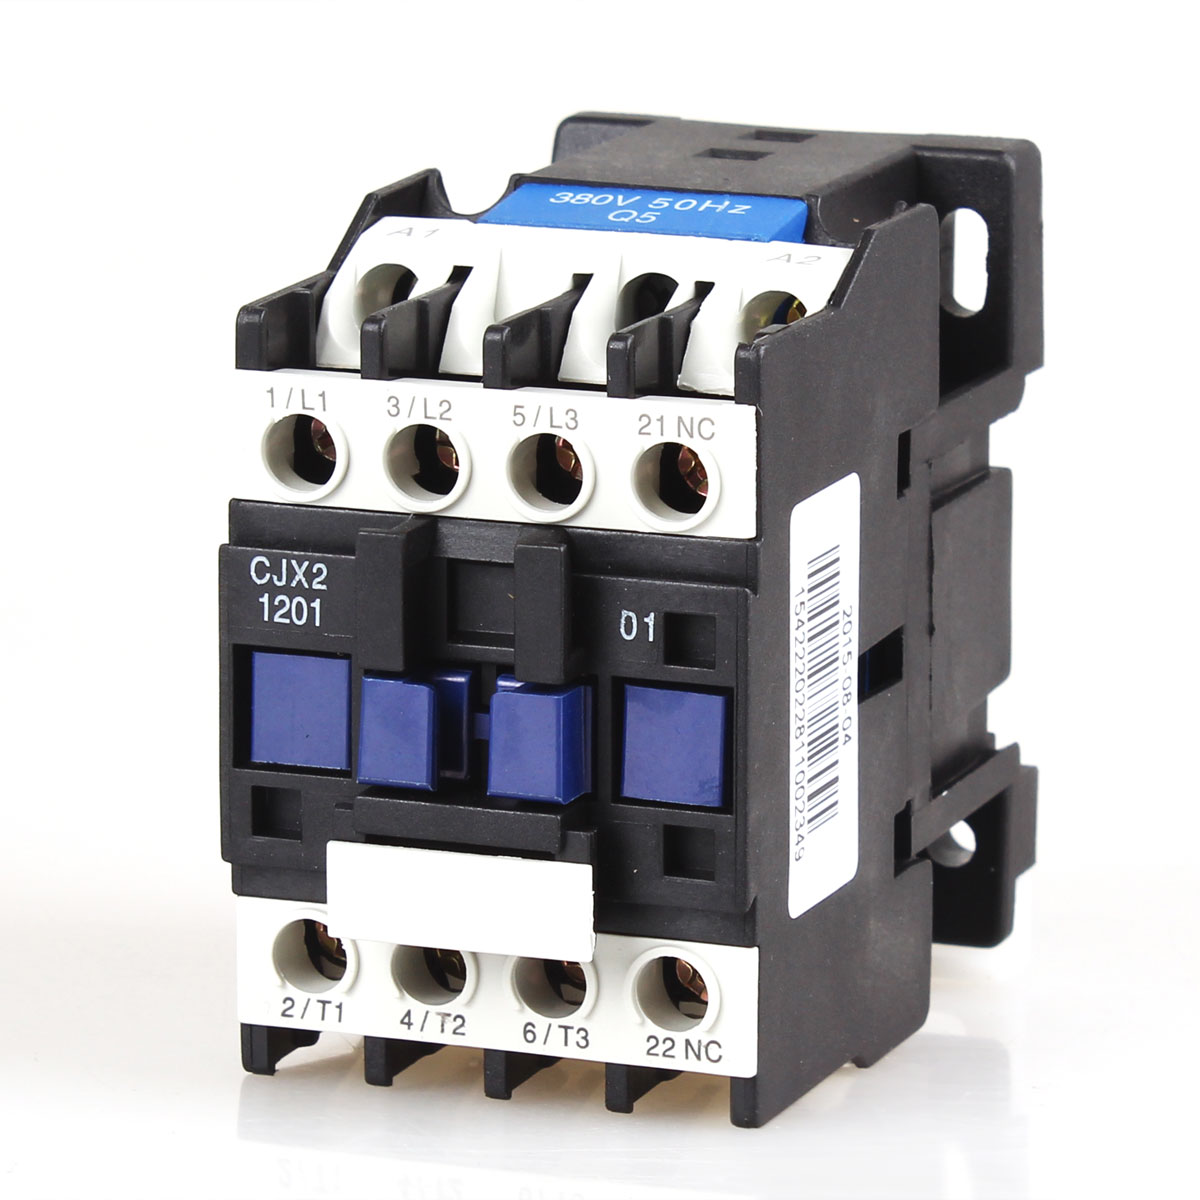 CJX2-1201 12A 3 P + NC Магнитный Ac Электрический 3-полюсный контактор для блока 3 фазы 380 В 220 В 110 в 36 в 24 В нормально закрытый контактор